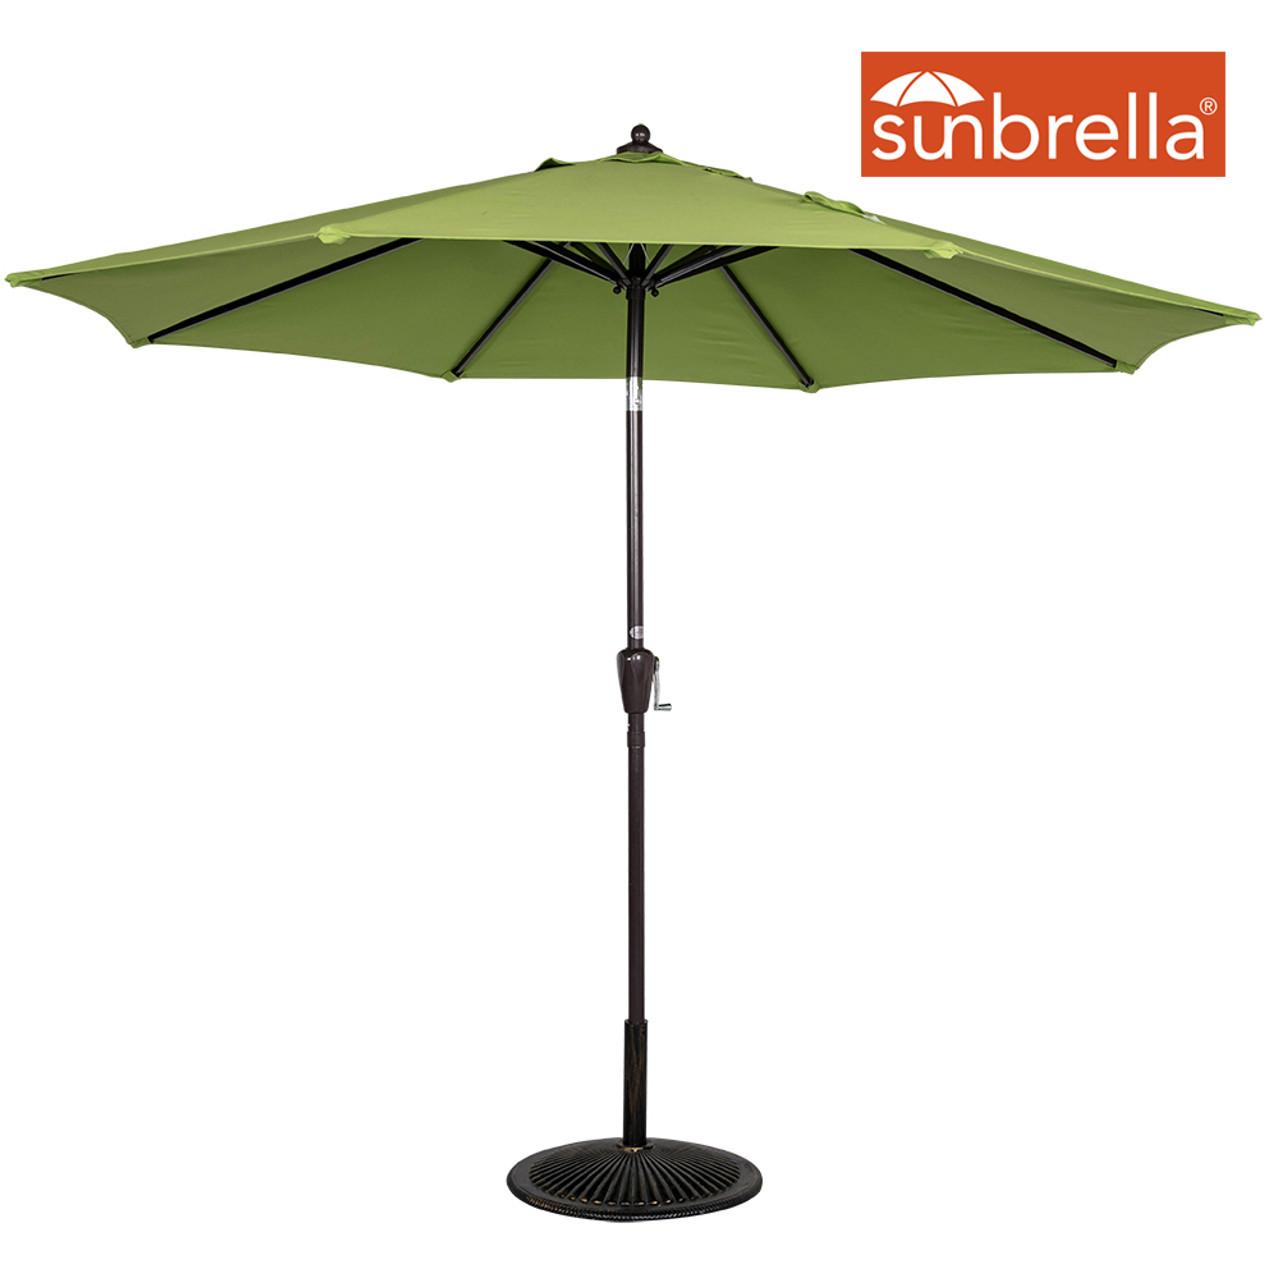 0327e44b57dc 9 Ft Sunbrella® Fabric Patio Garden Outdoor Market Umbrella ,Push Button  Tilt and Crank (Macaw Green)